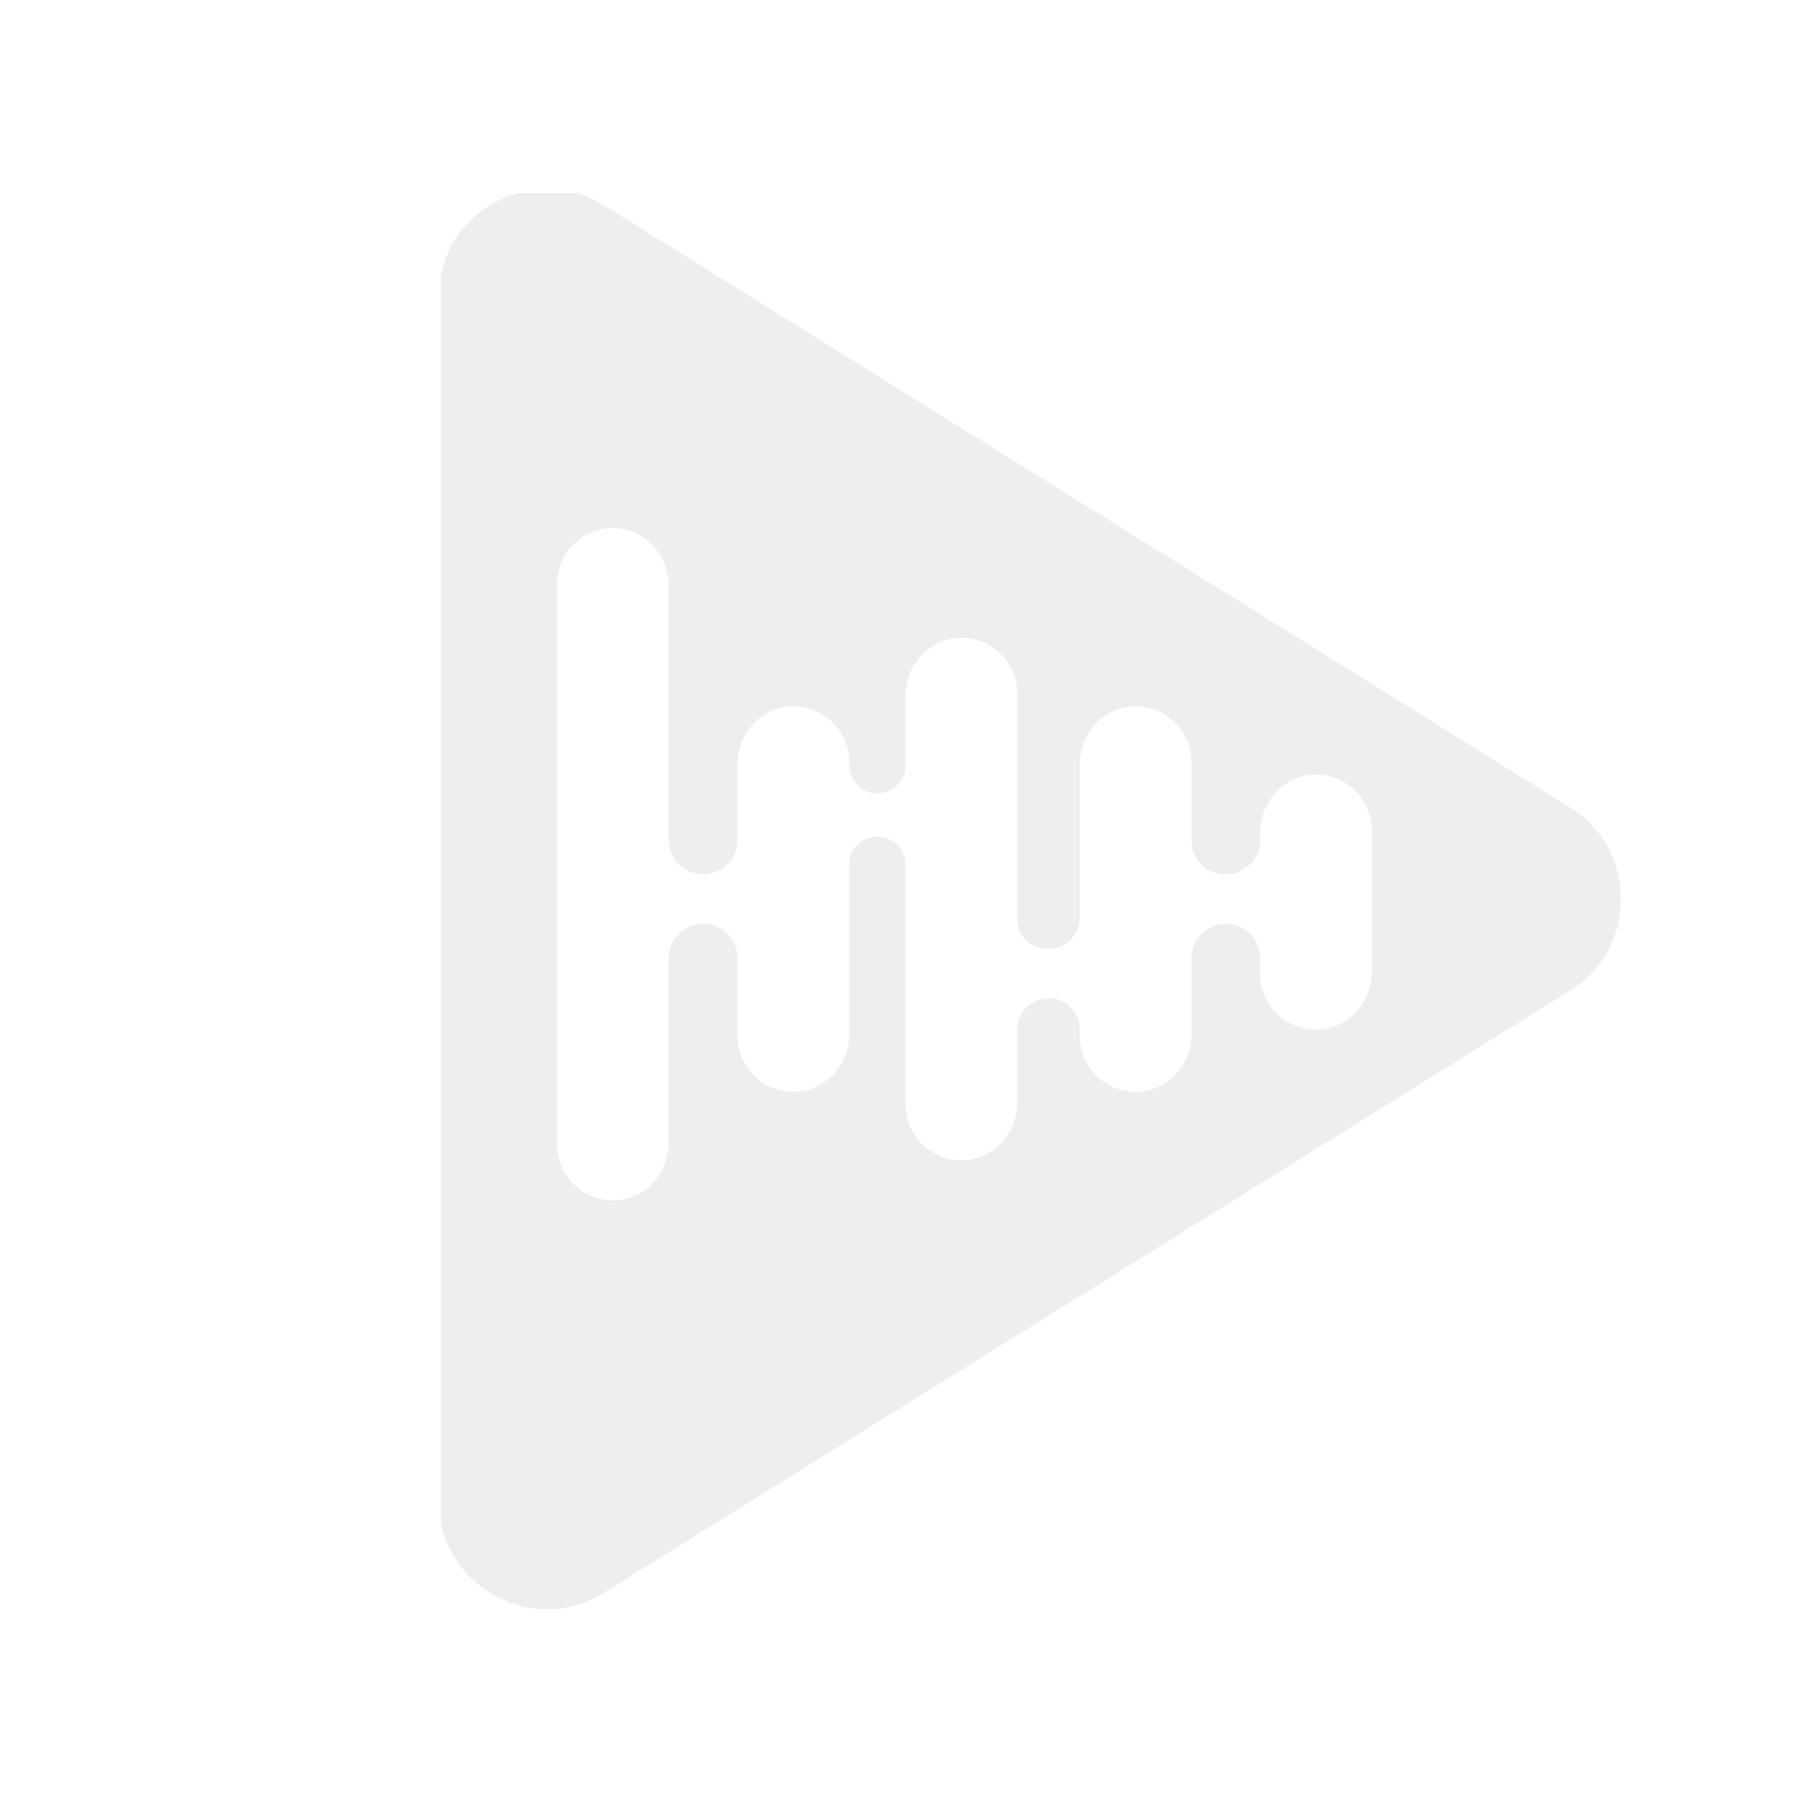 Incartec 40-1343W-165